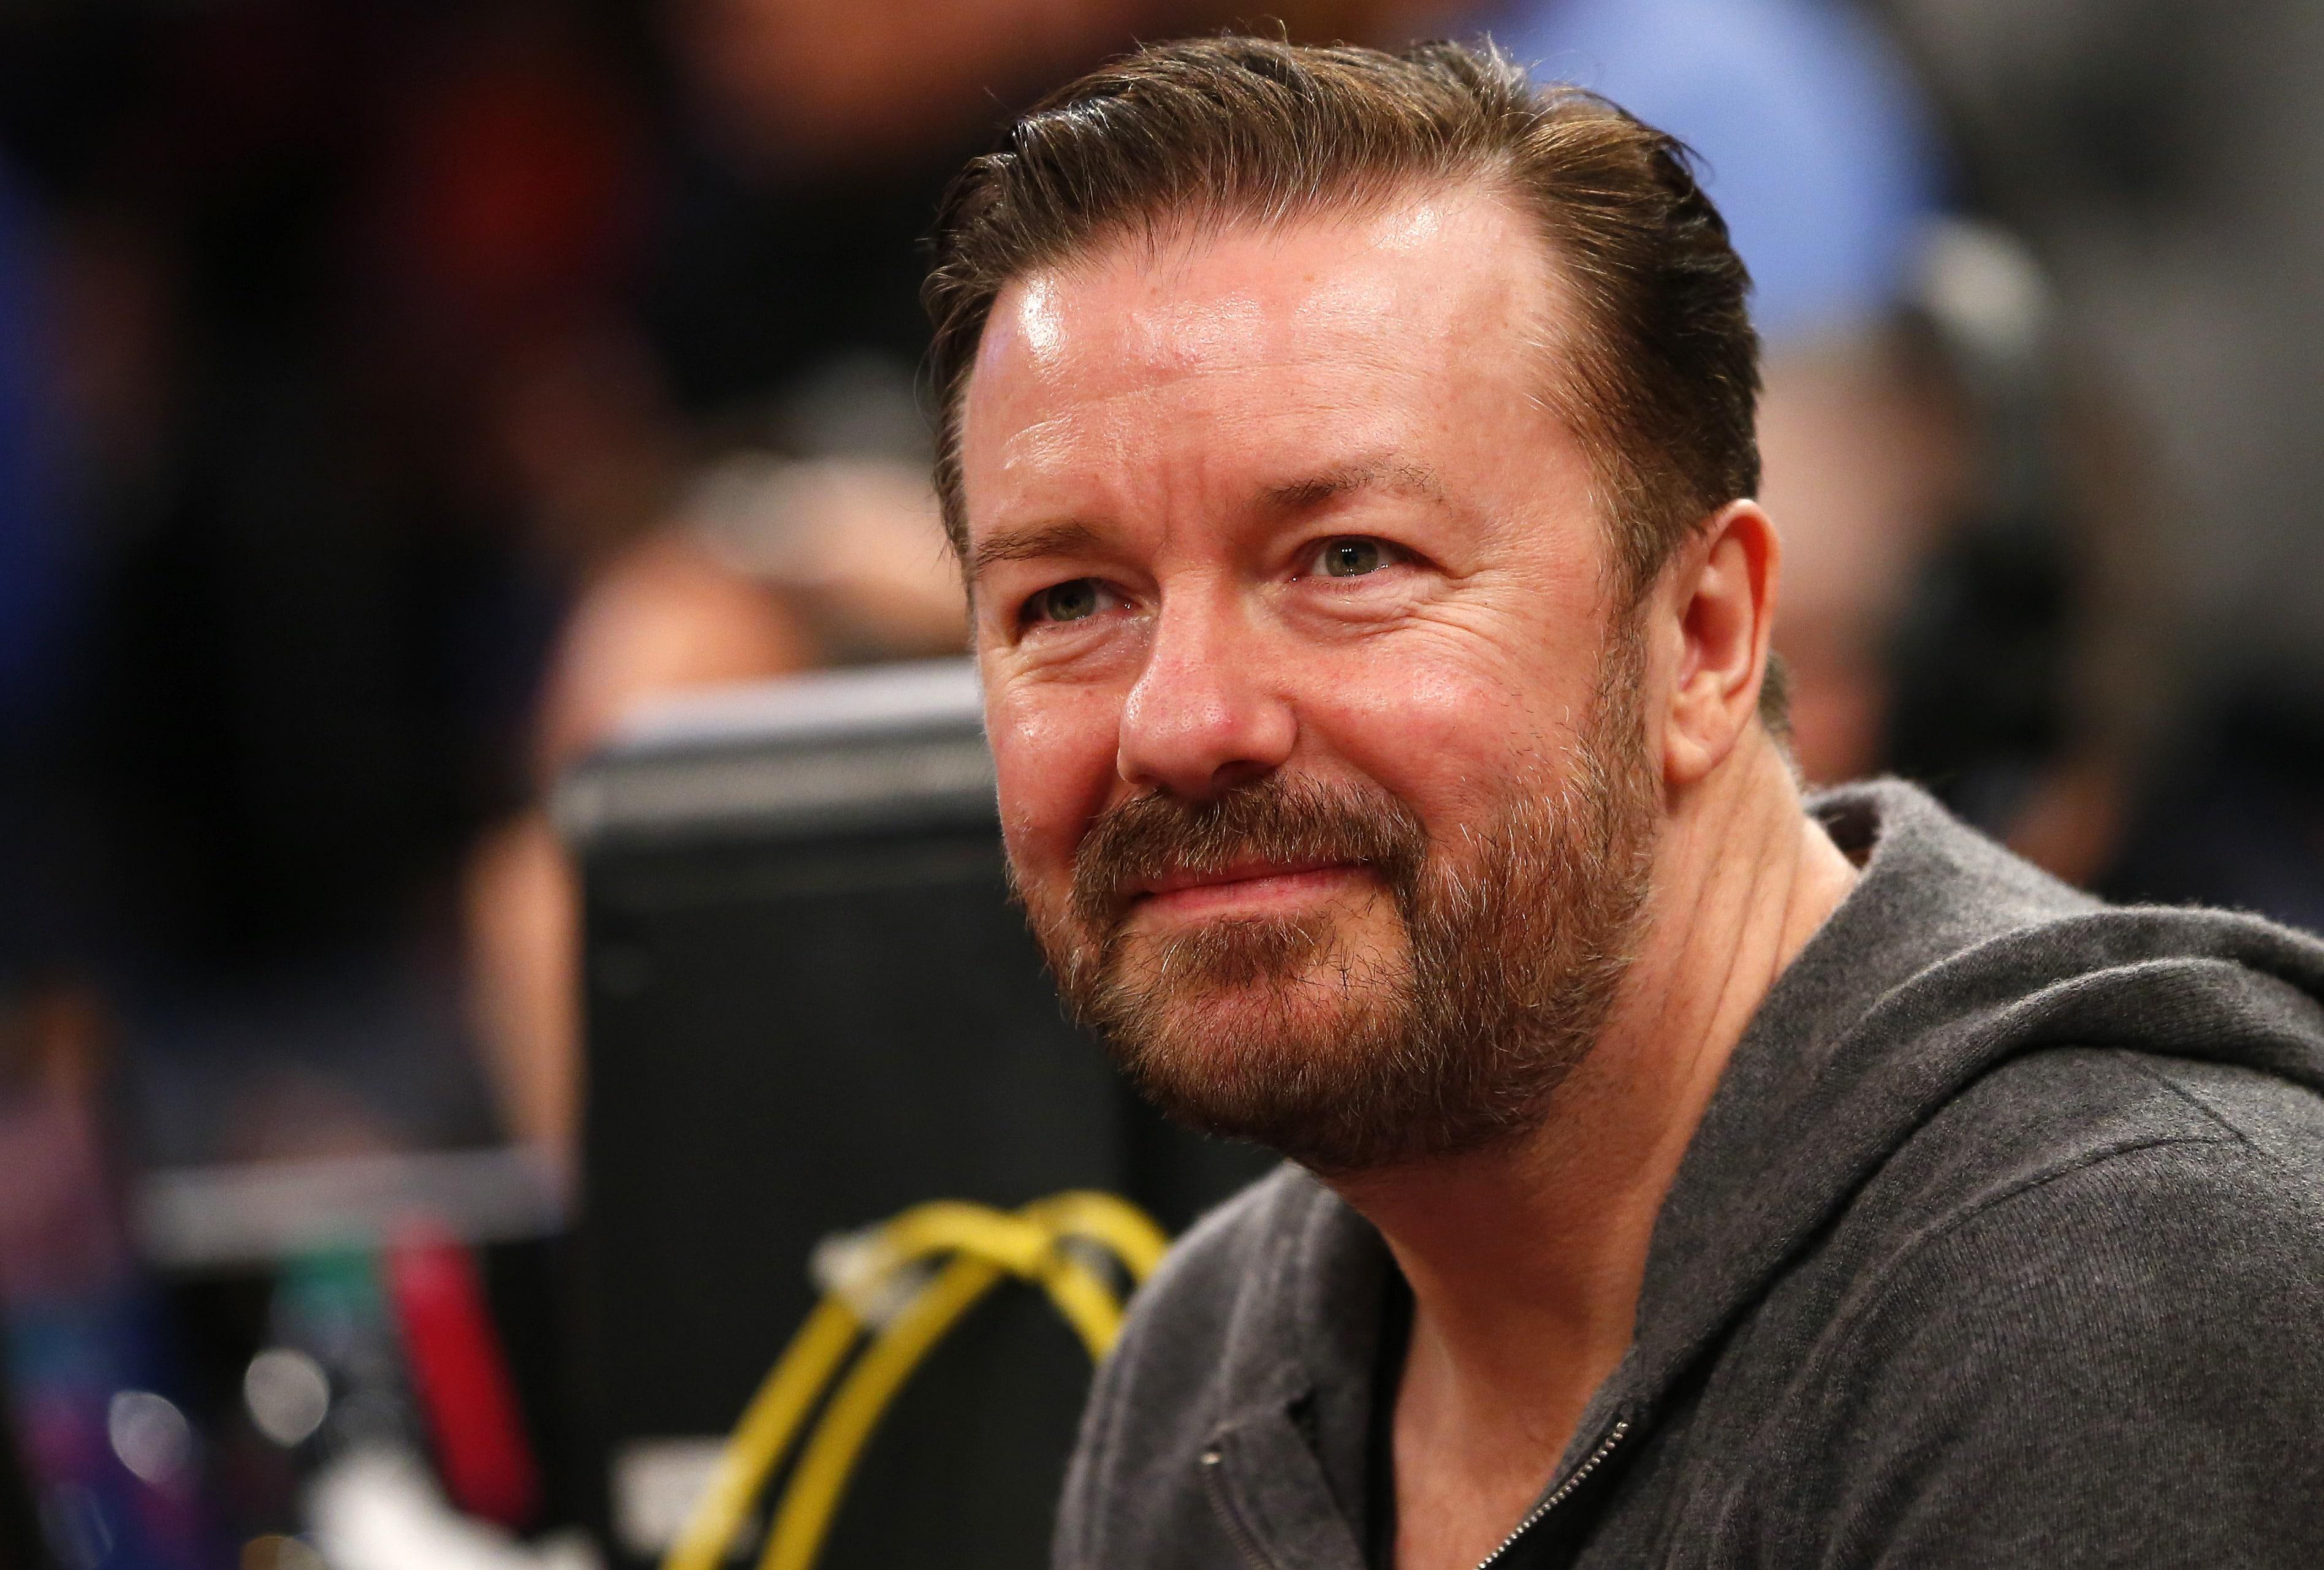 Ricky Gervais High